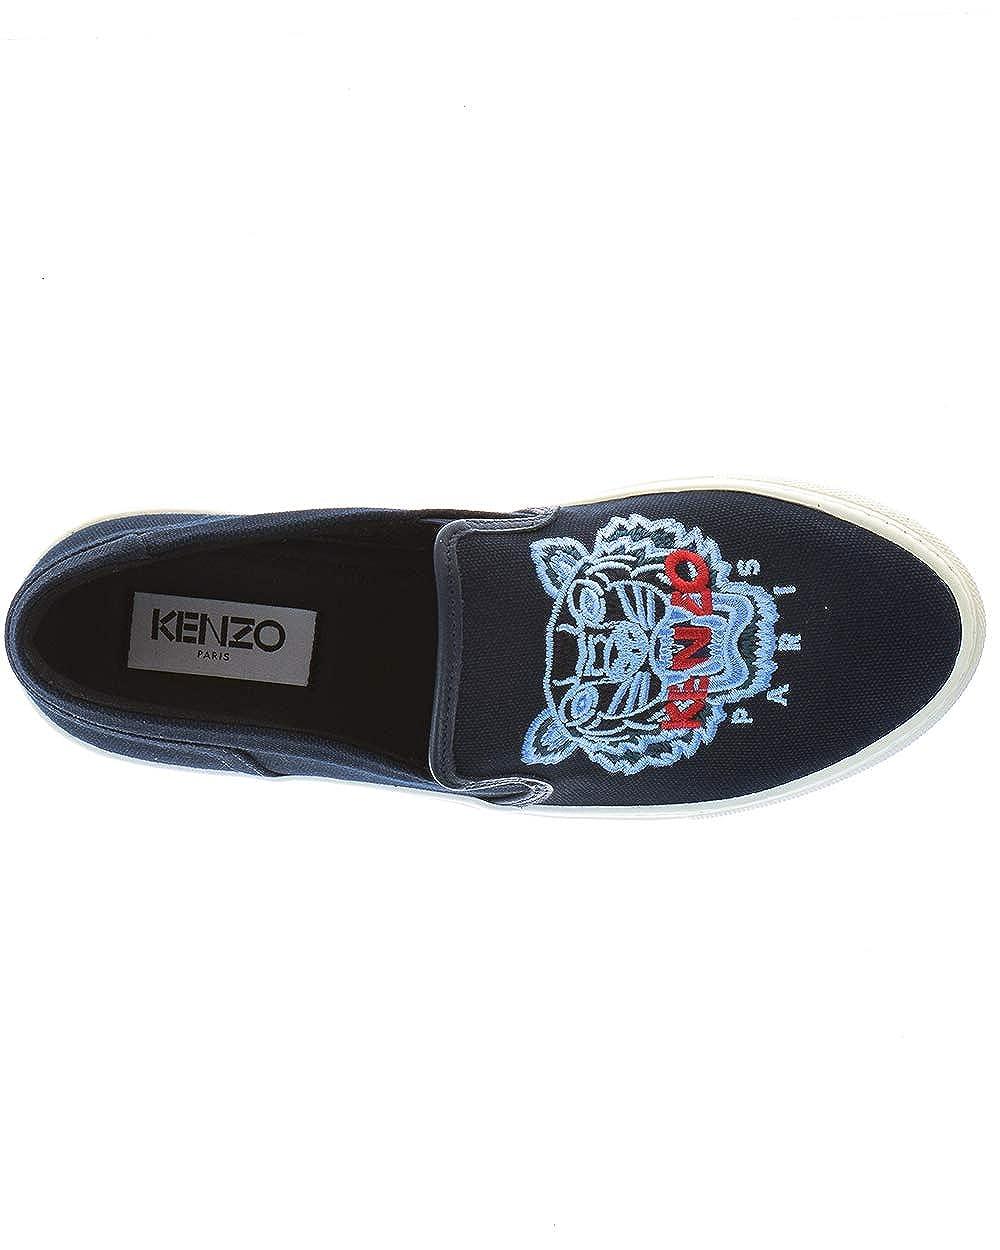 Kenzo Scarpe Donna F862SN100F70 Blu K Skate Sneakers 36